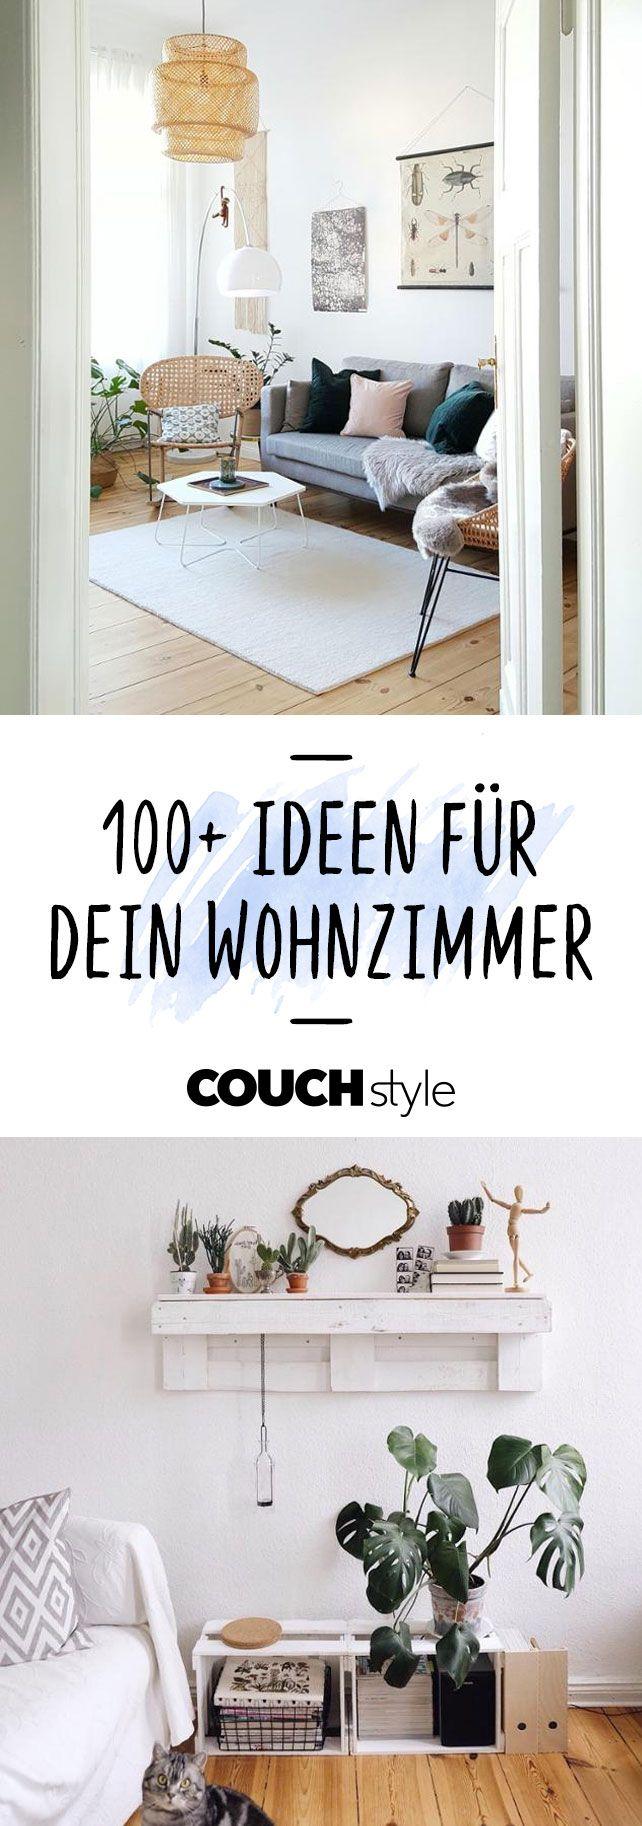 awesome einfache dekoration und mobel was steckt eigentlich in unseren matratzen #1: Wir zeigen dir die schönsten Deko- und Einrichtungsideen für dein  Wohnzimmer! Entdecke die schönsten